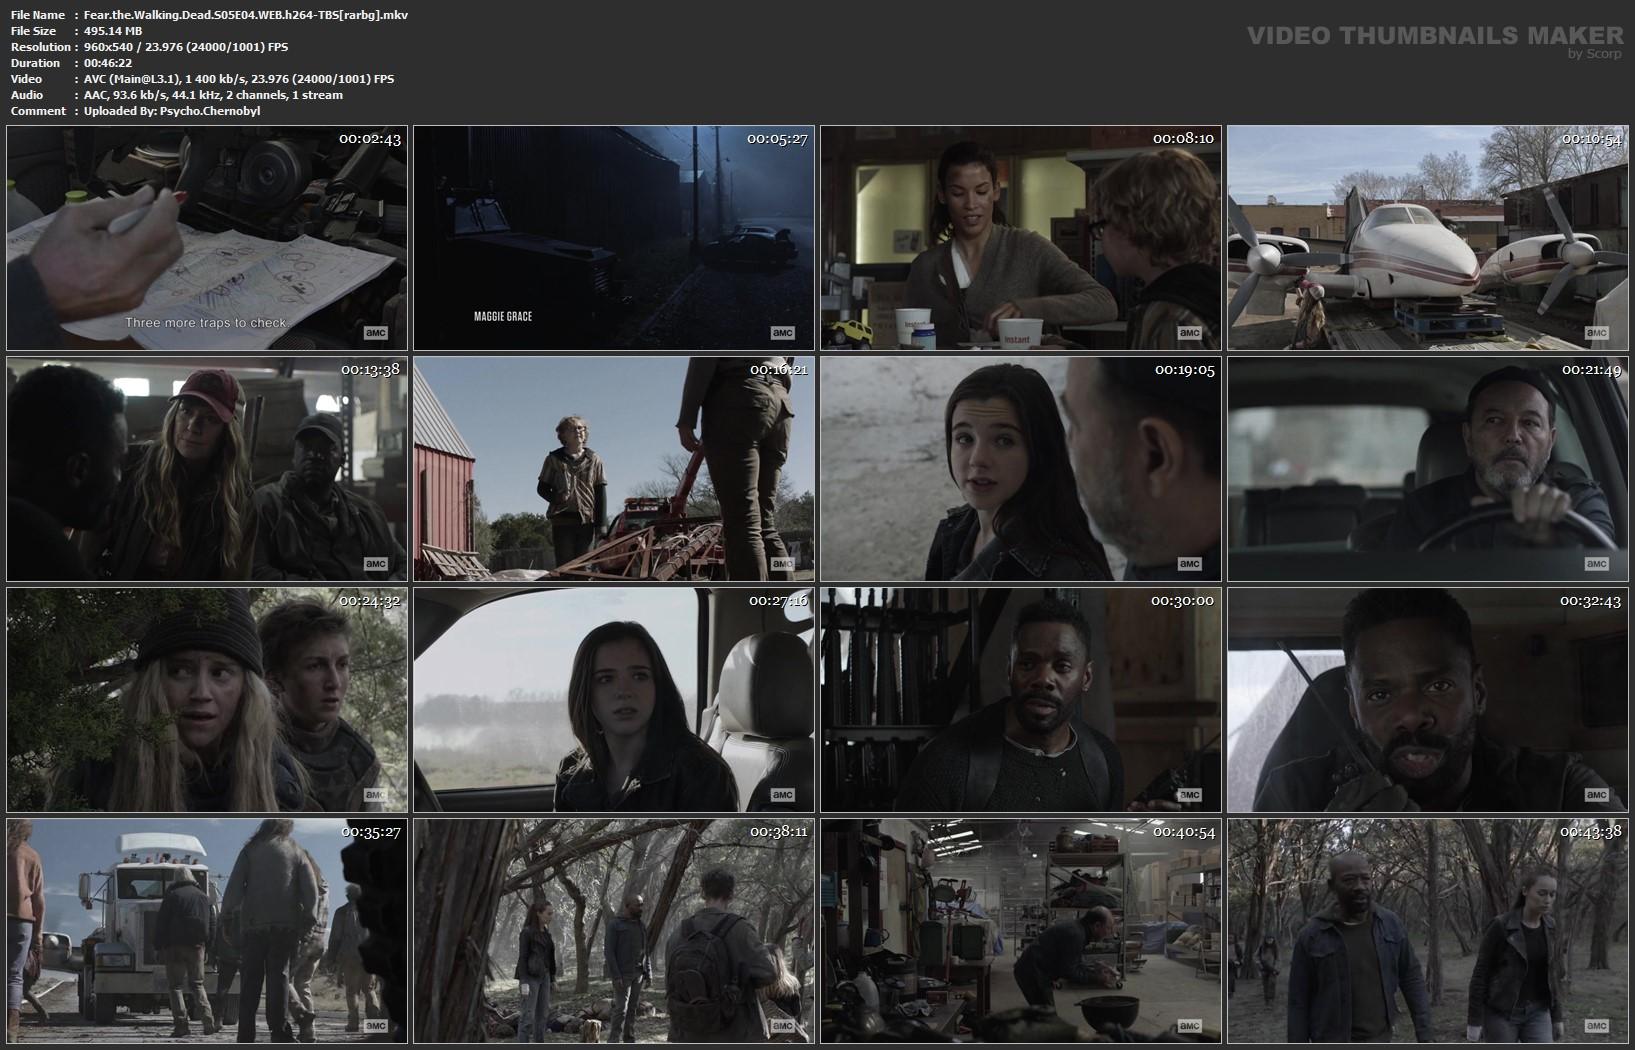 https://i.ibb.co/0Vnwr7V/Fear-the-Walking-Dead-S05-E04-WEB-h264-TBS-rarbg-mkv.jpg